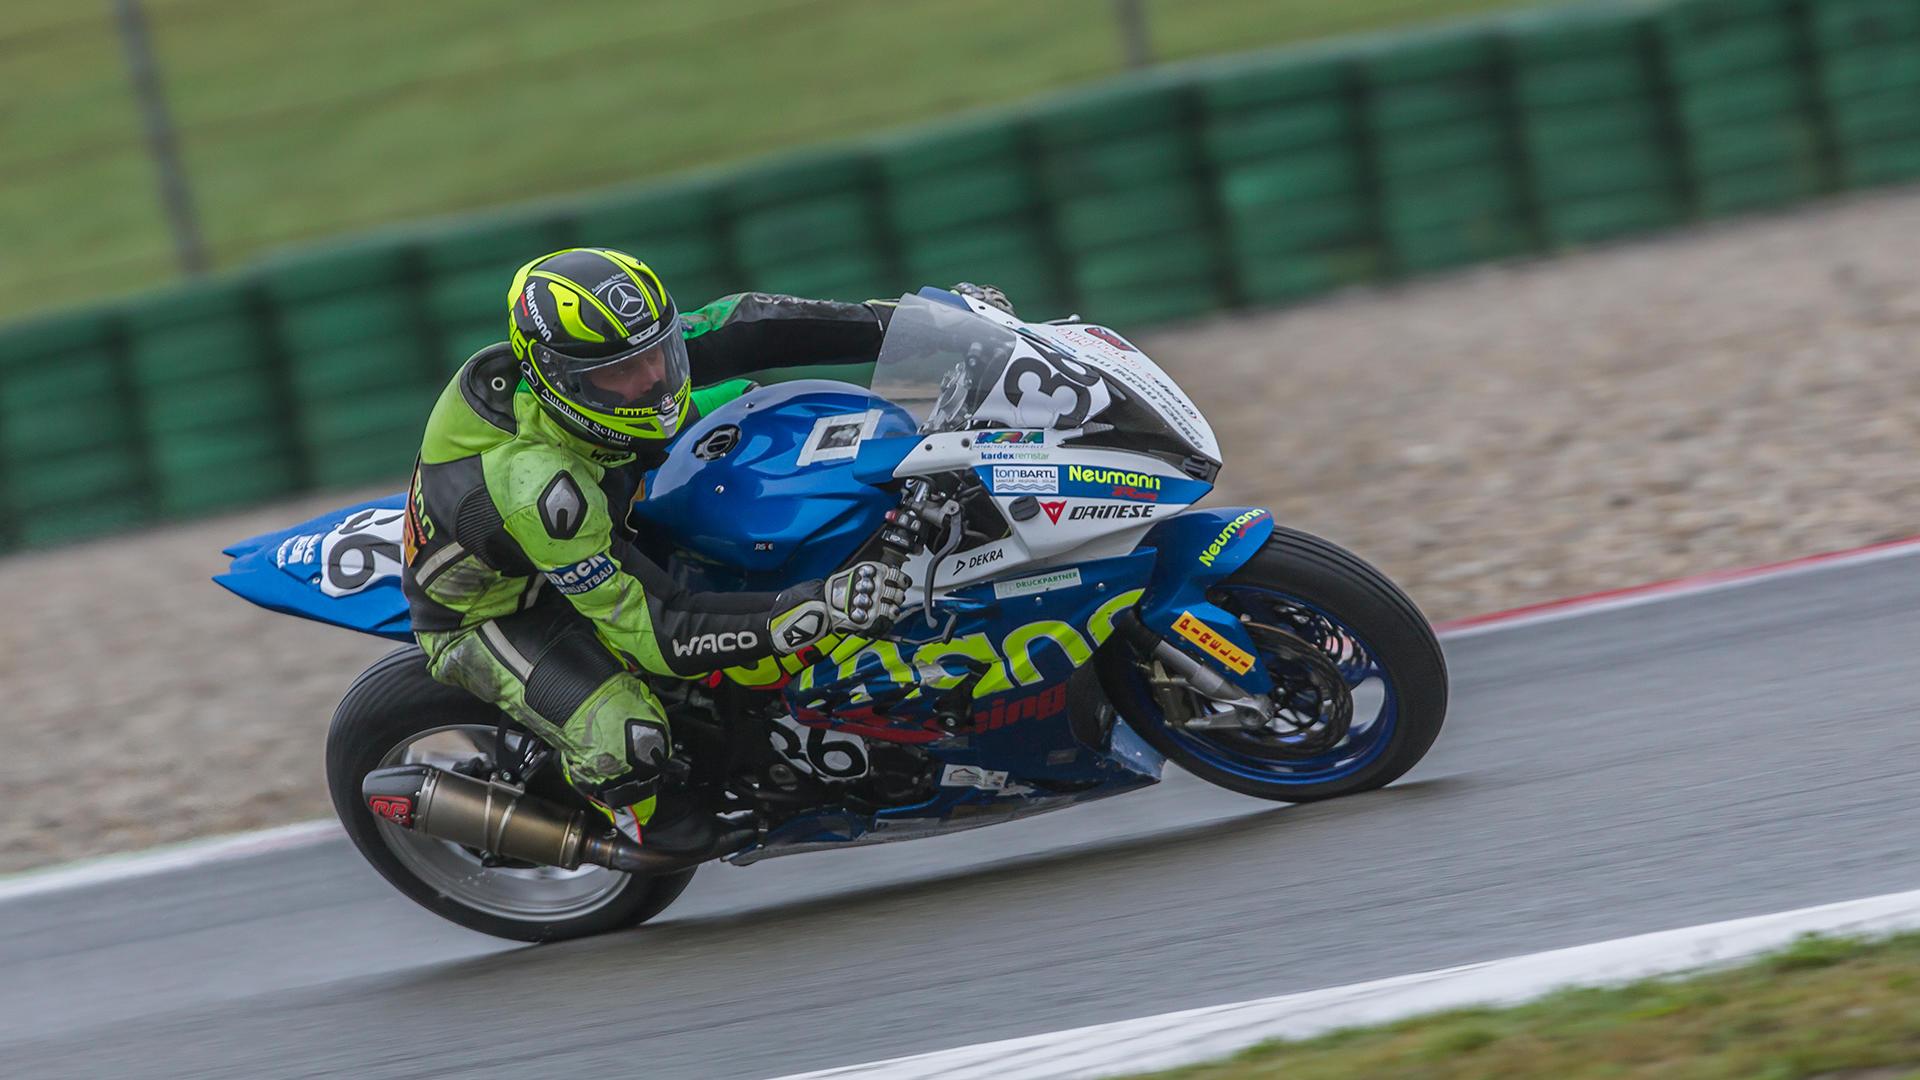 Bilder vom 1. Rennen der IDM Supersport 600 am Samstag in Assen.